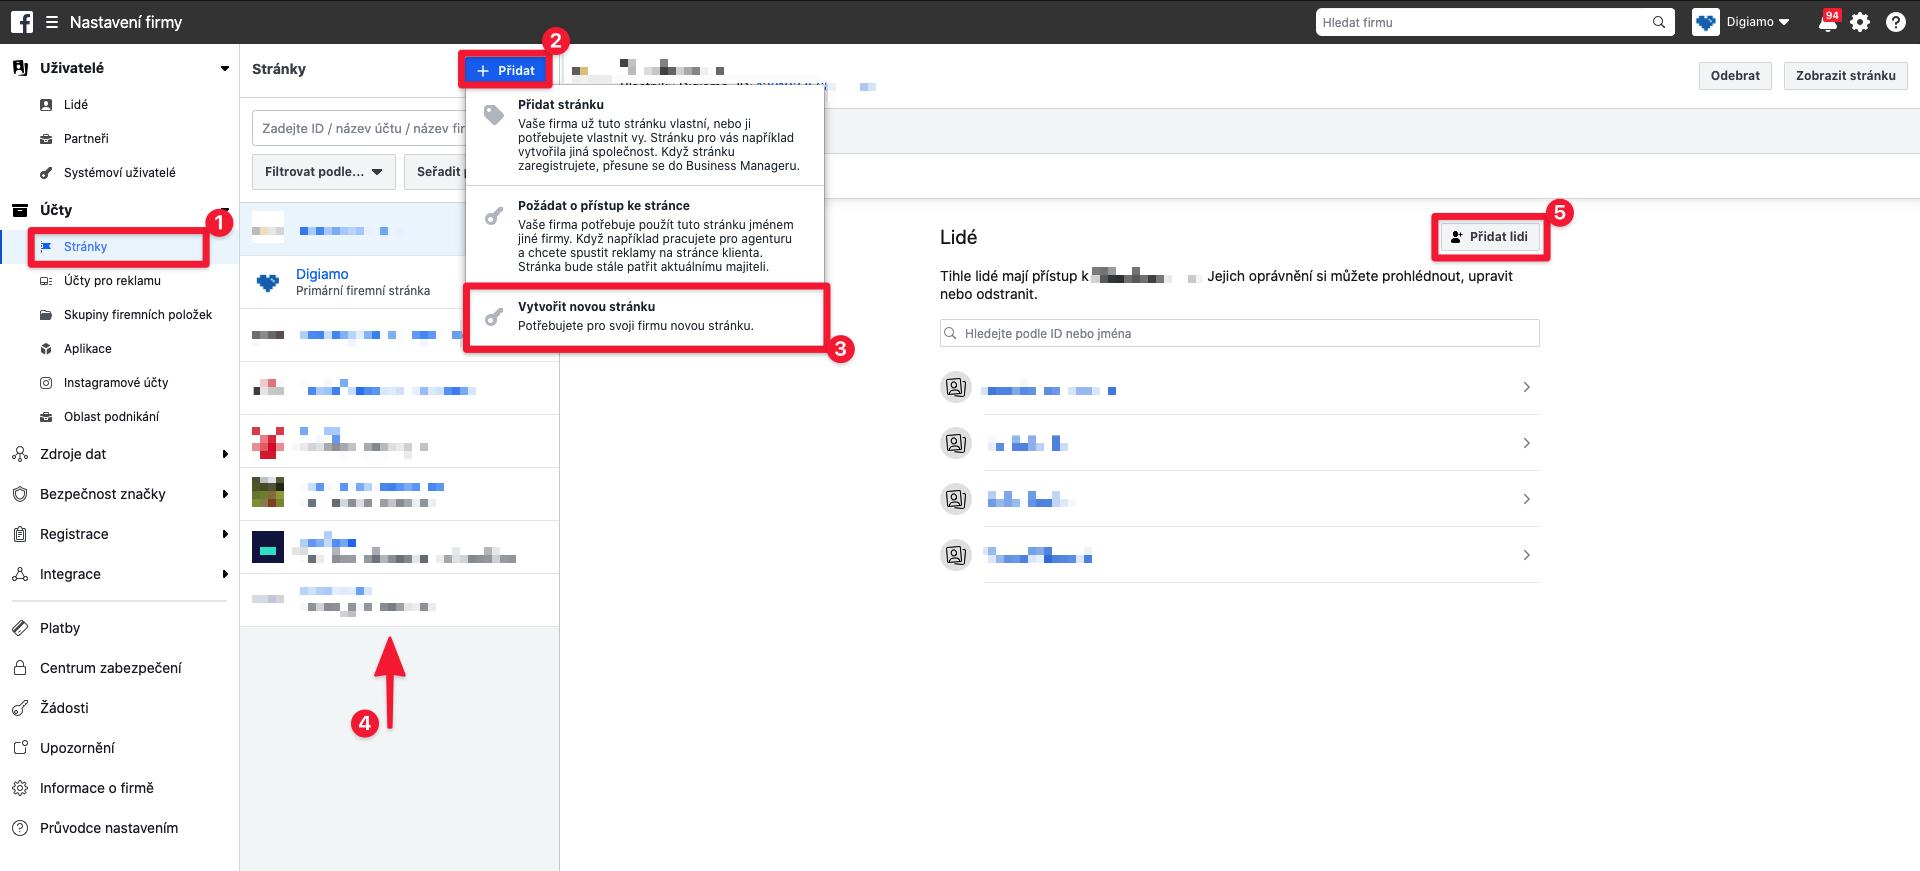 Vytvoření nové facebookové stránky v rámci Business Manageru.